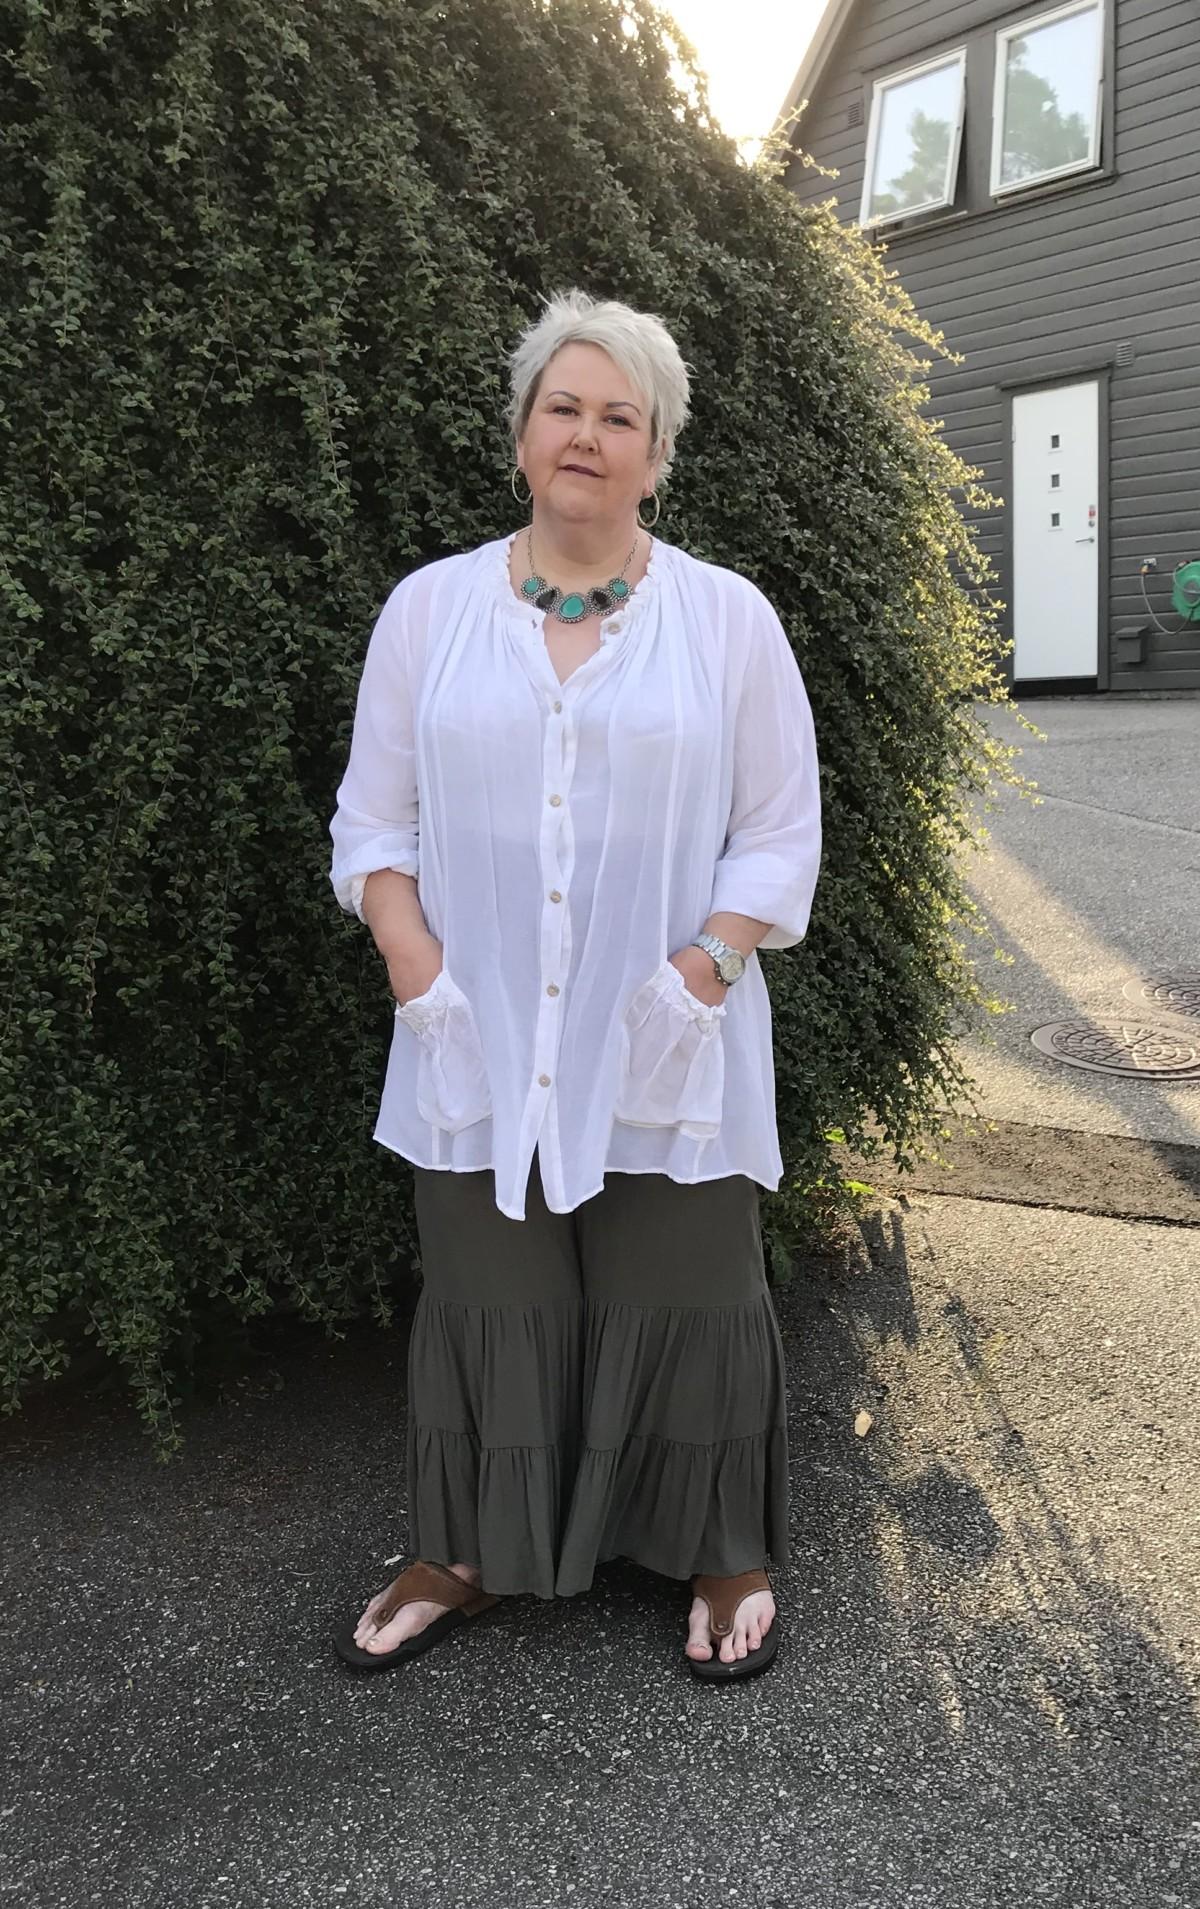 3fc64035 Jeg er så fornøyd med ny bukse, og gleder meg til å bruke den. Det er mange  fine farger som passer i overdel til den grønne fargen på buksen.